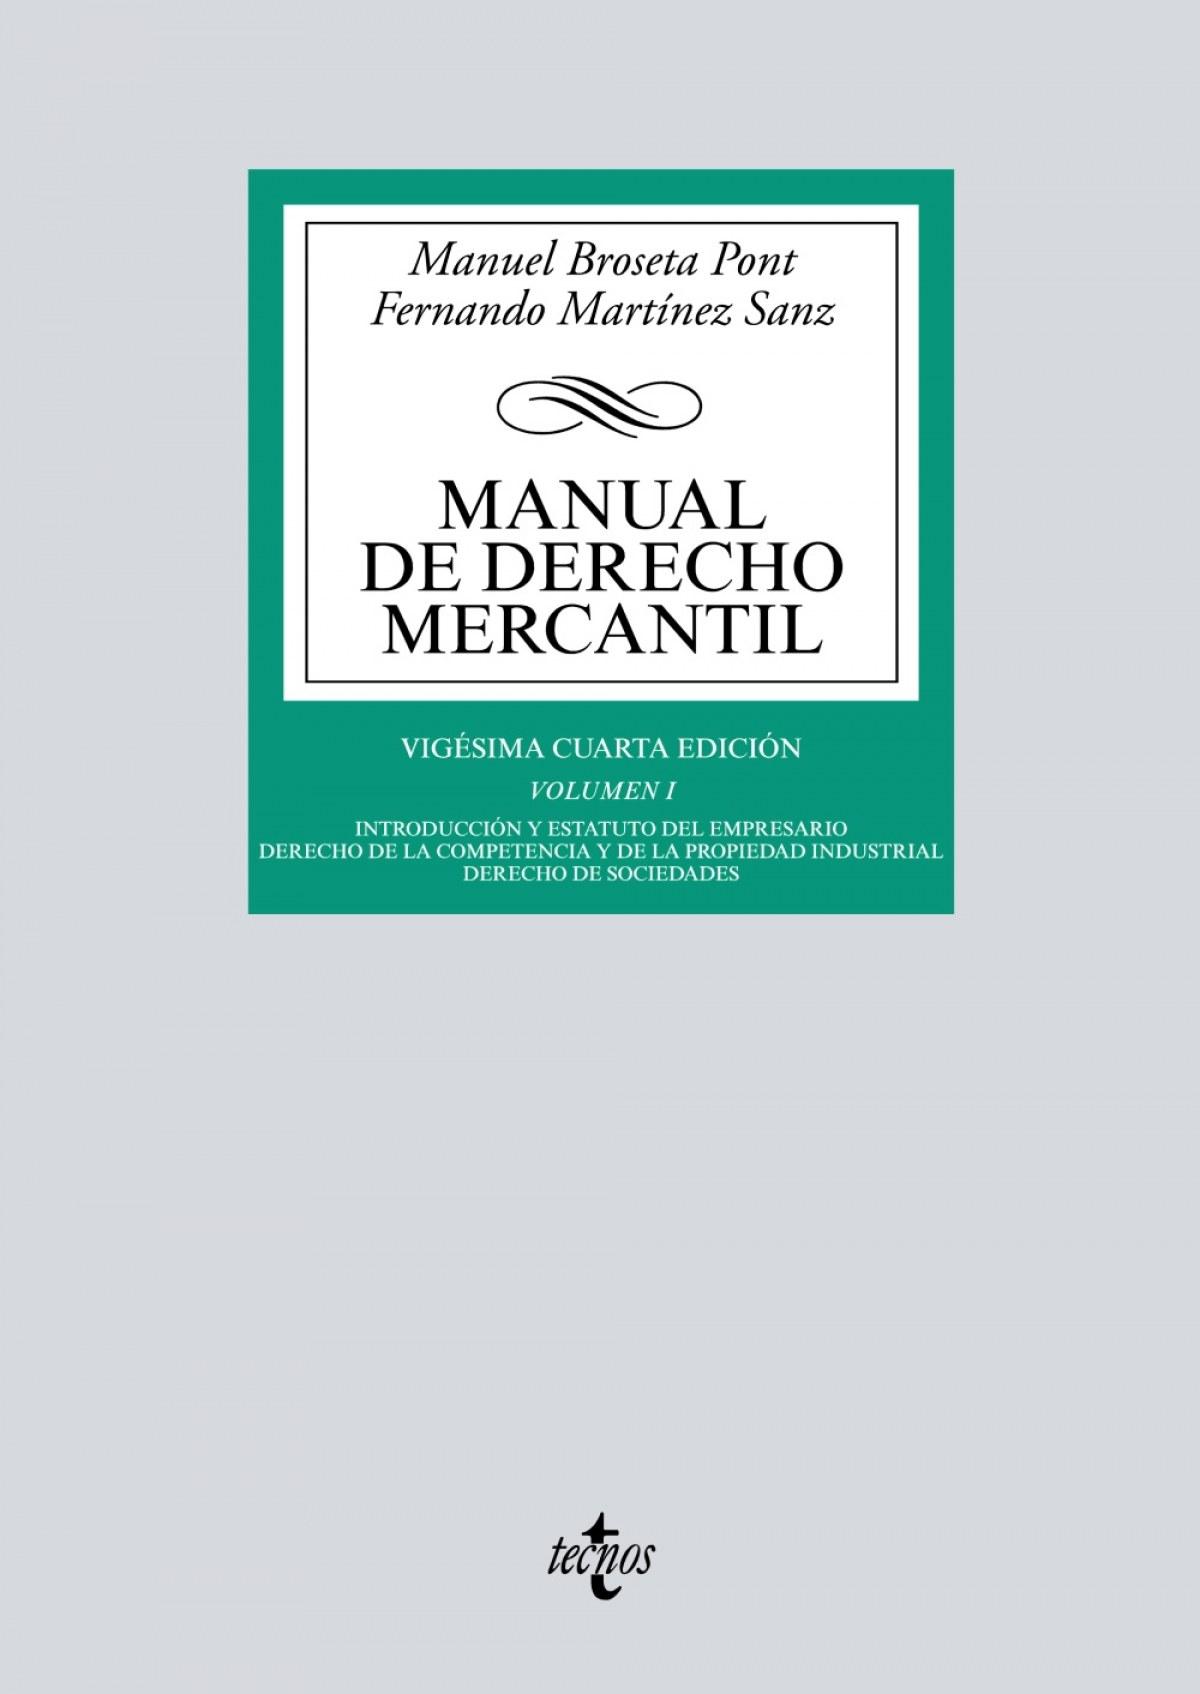 (2017).I.MANUAL DE DERECHO MERCANTIL.(BIBL.UNIVERSITARIA)